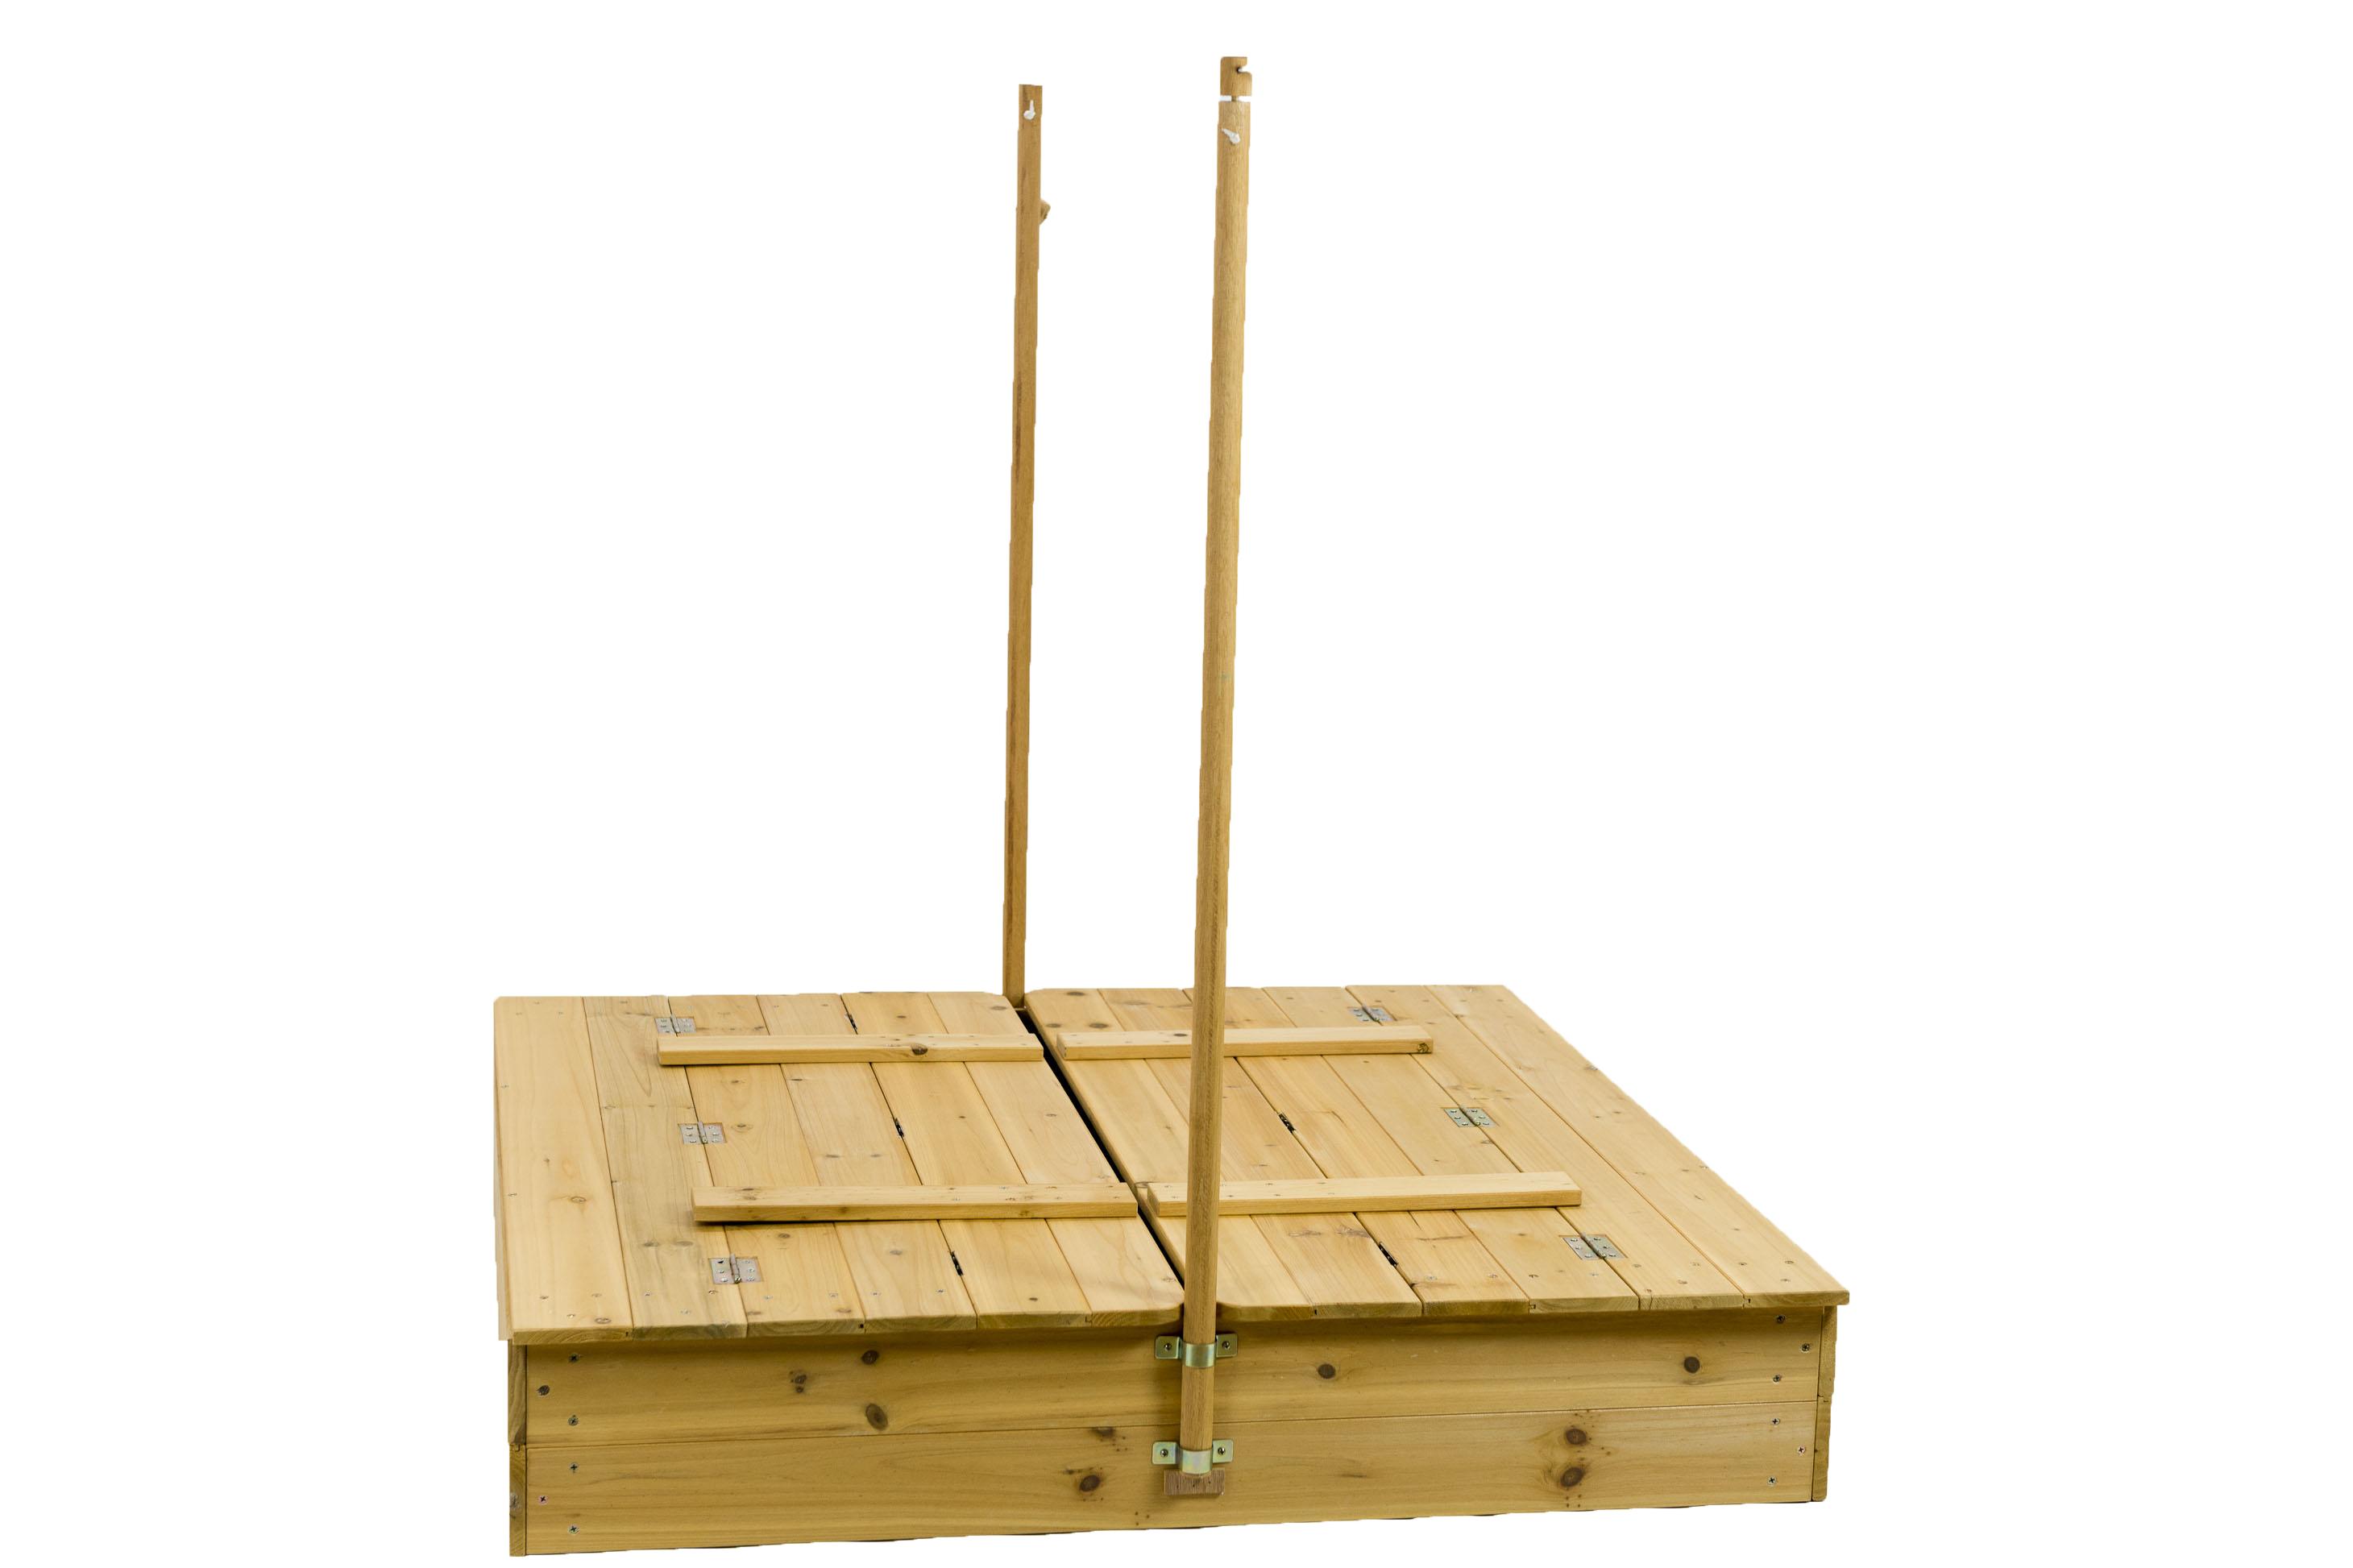 sandkasten mit deckel sandkasten schildkr te mit deckel. Black Bedroom Furniture Sets. Home Design Ideas